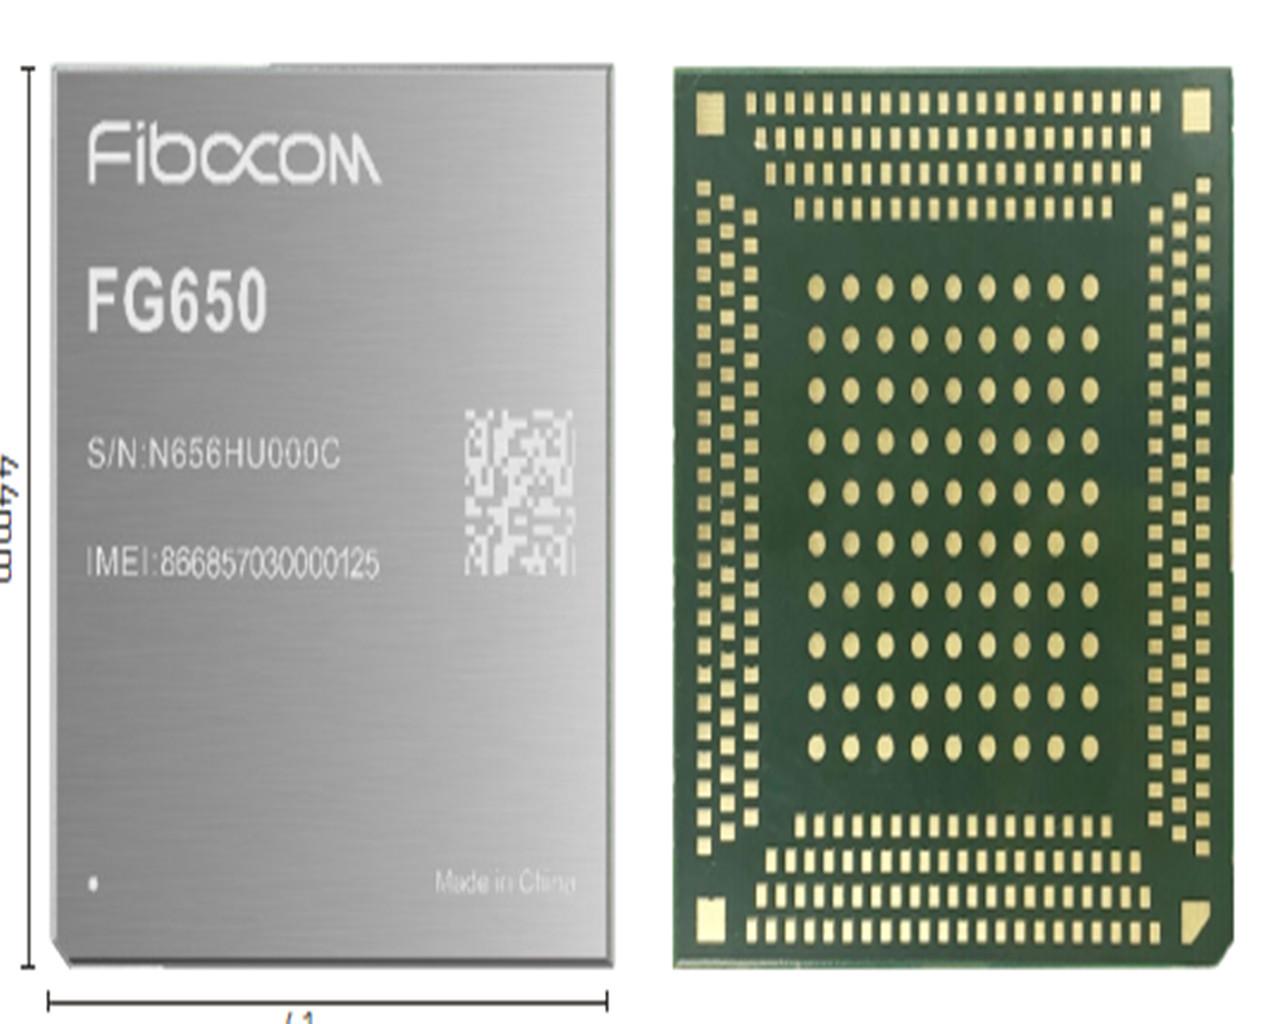 广和通 5G 模块FG650